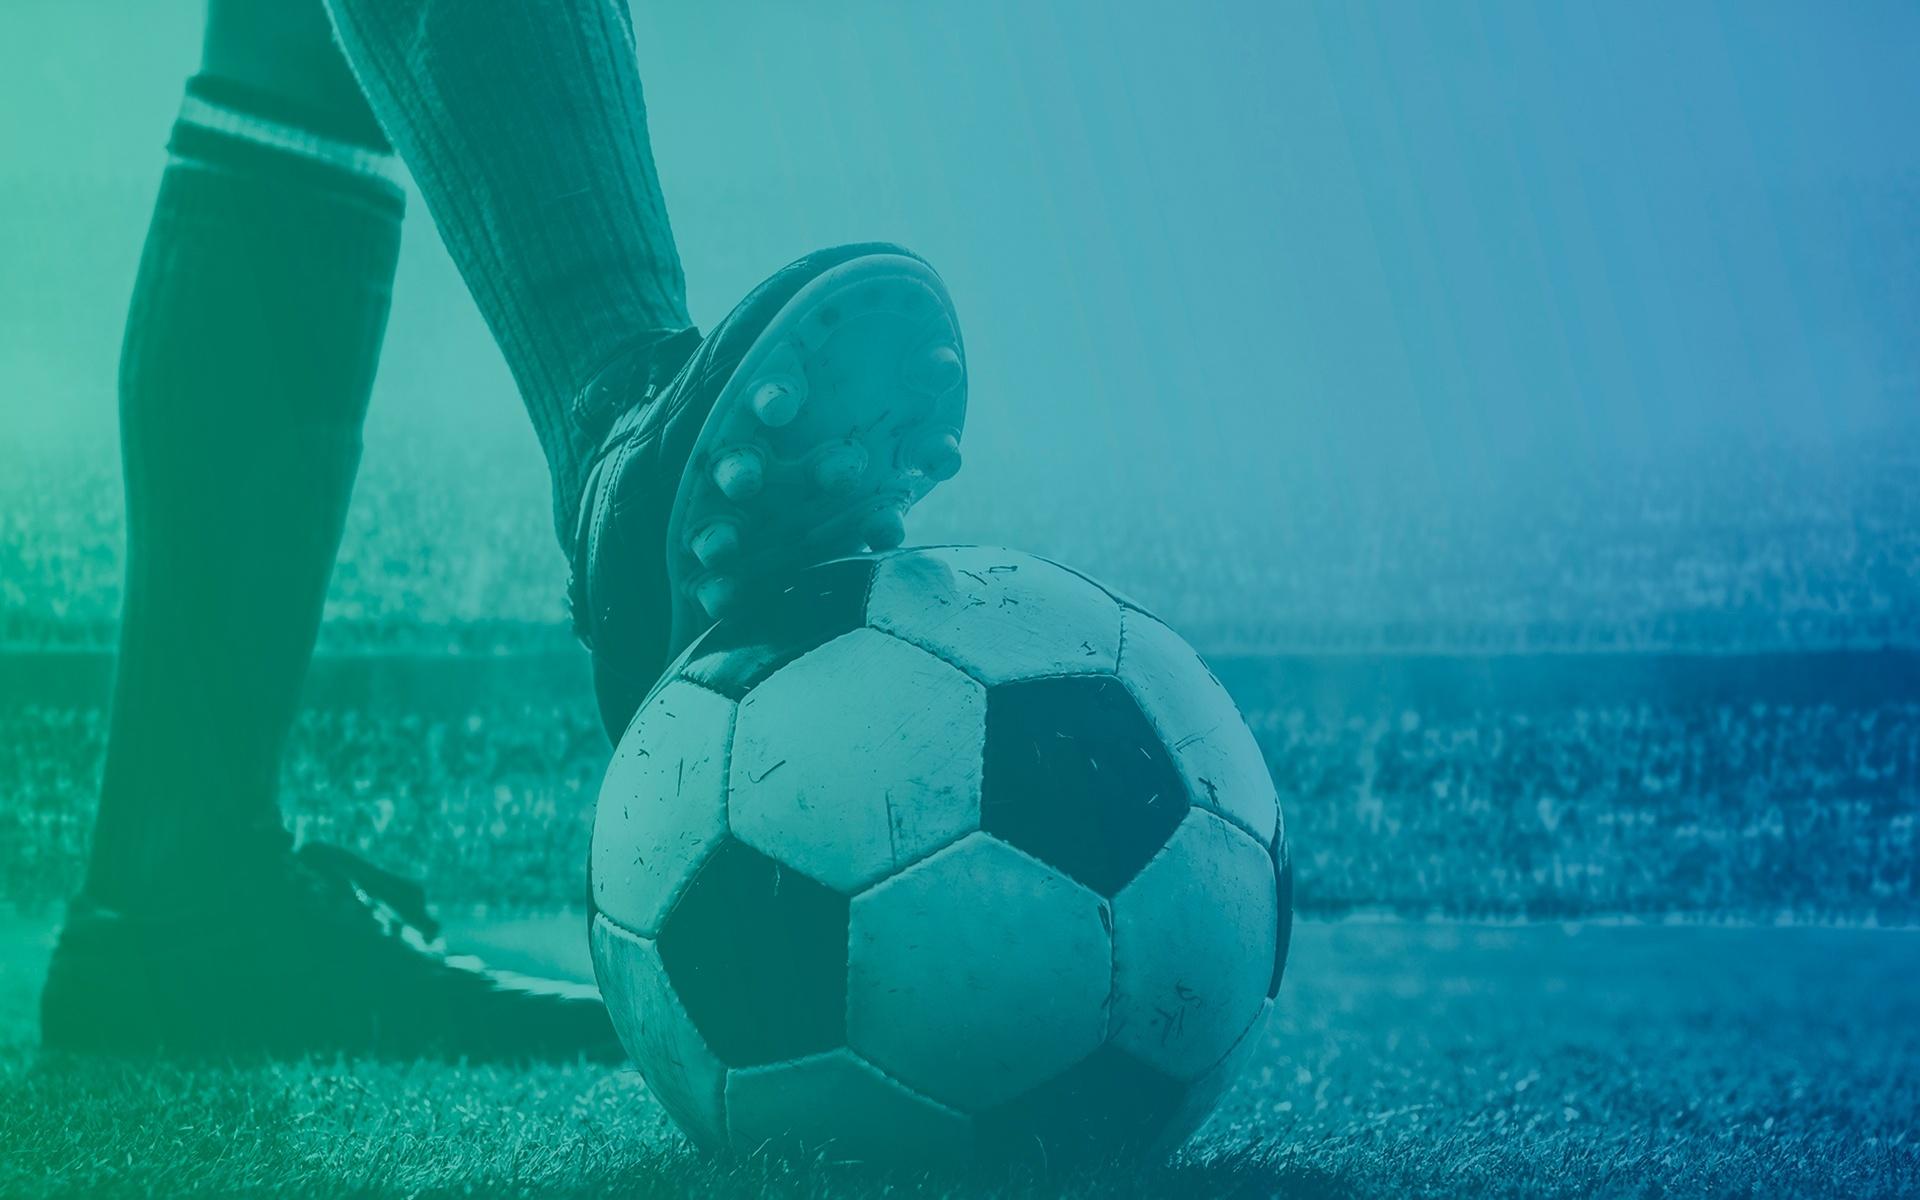 Afiliago Futbolista